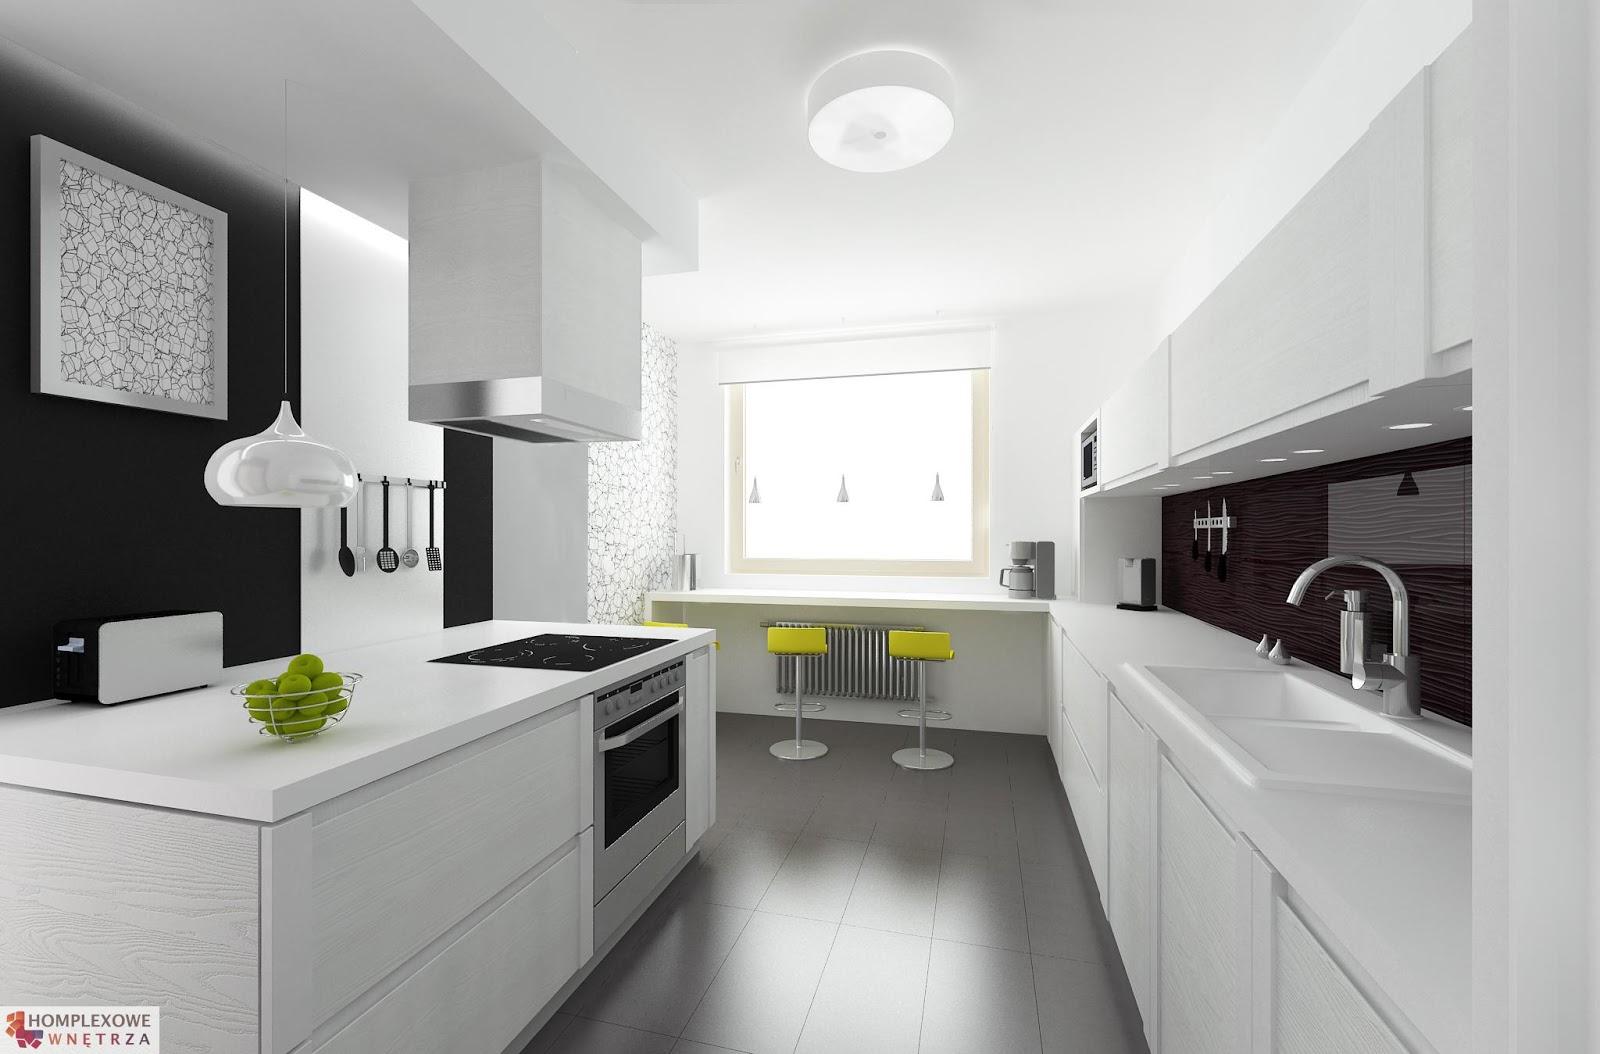 Nowoczesna kuchnia z oknem  Bajkowe Wnętrza -> Kuchnia Bialo Czarna Z Oknem